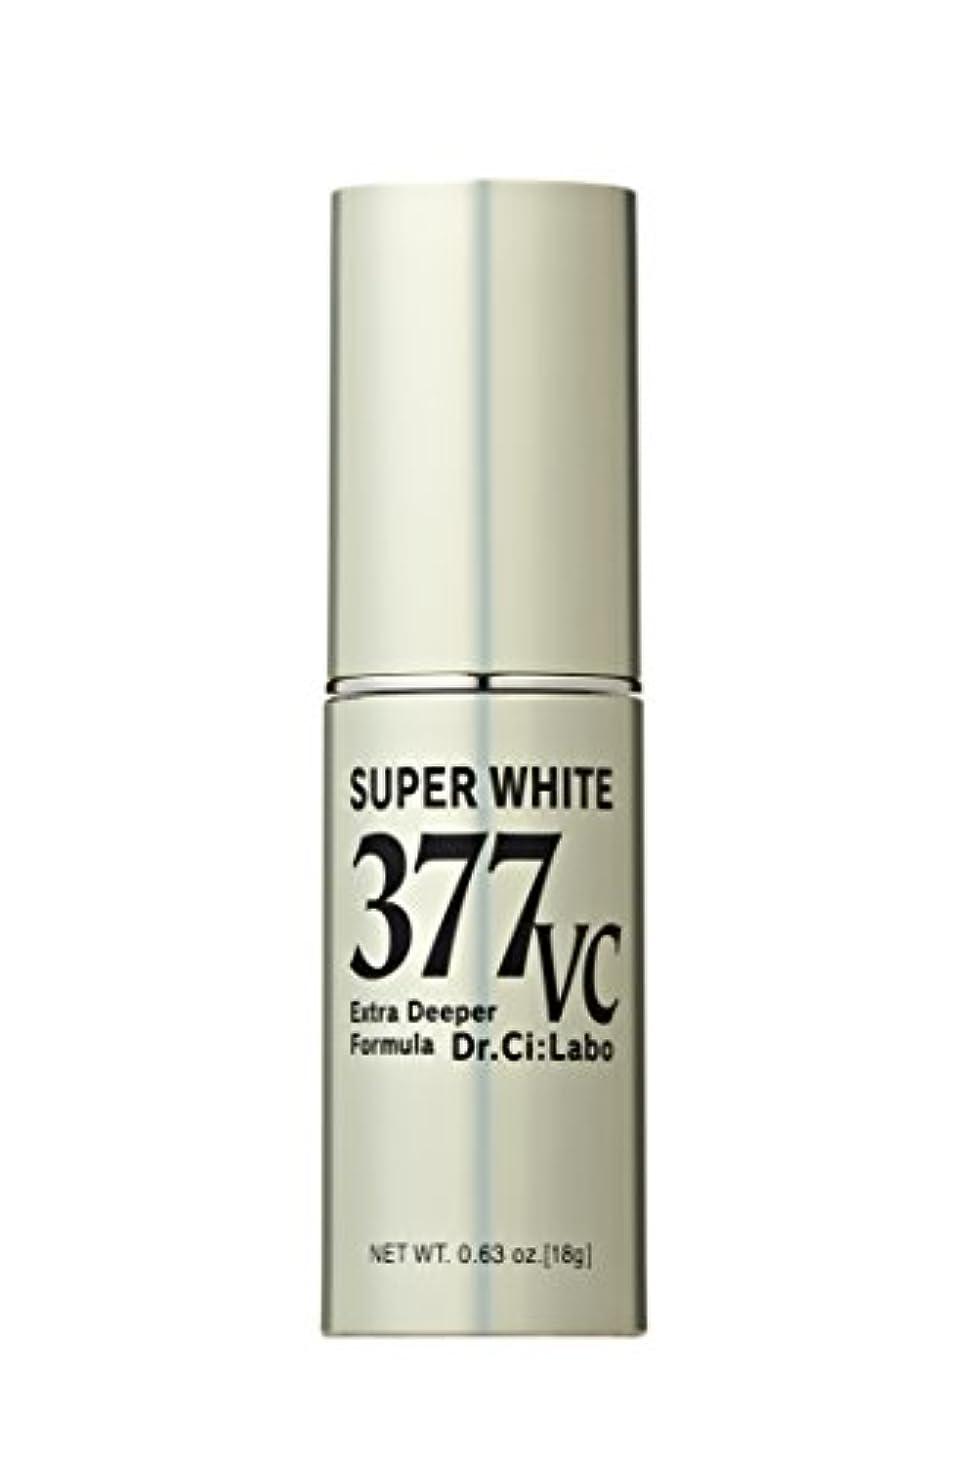 ブルジョンピュー出発するドクターシーラボ スーパーホワイト377VC(ブイシー) 高浸透ビタミンC 美容液 18g